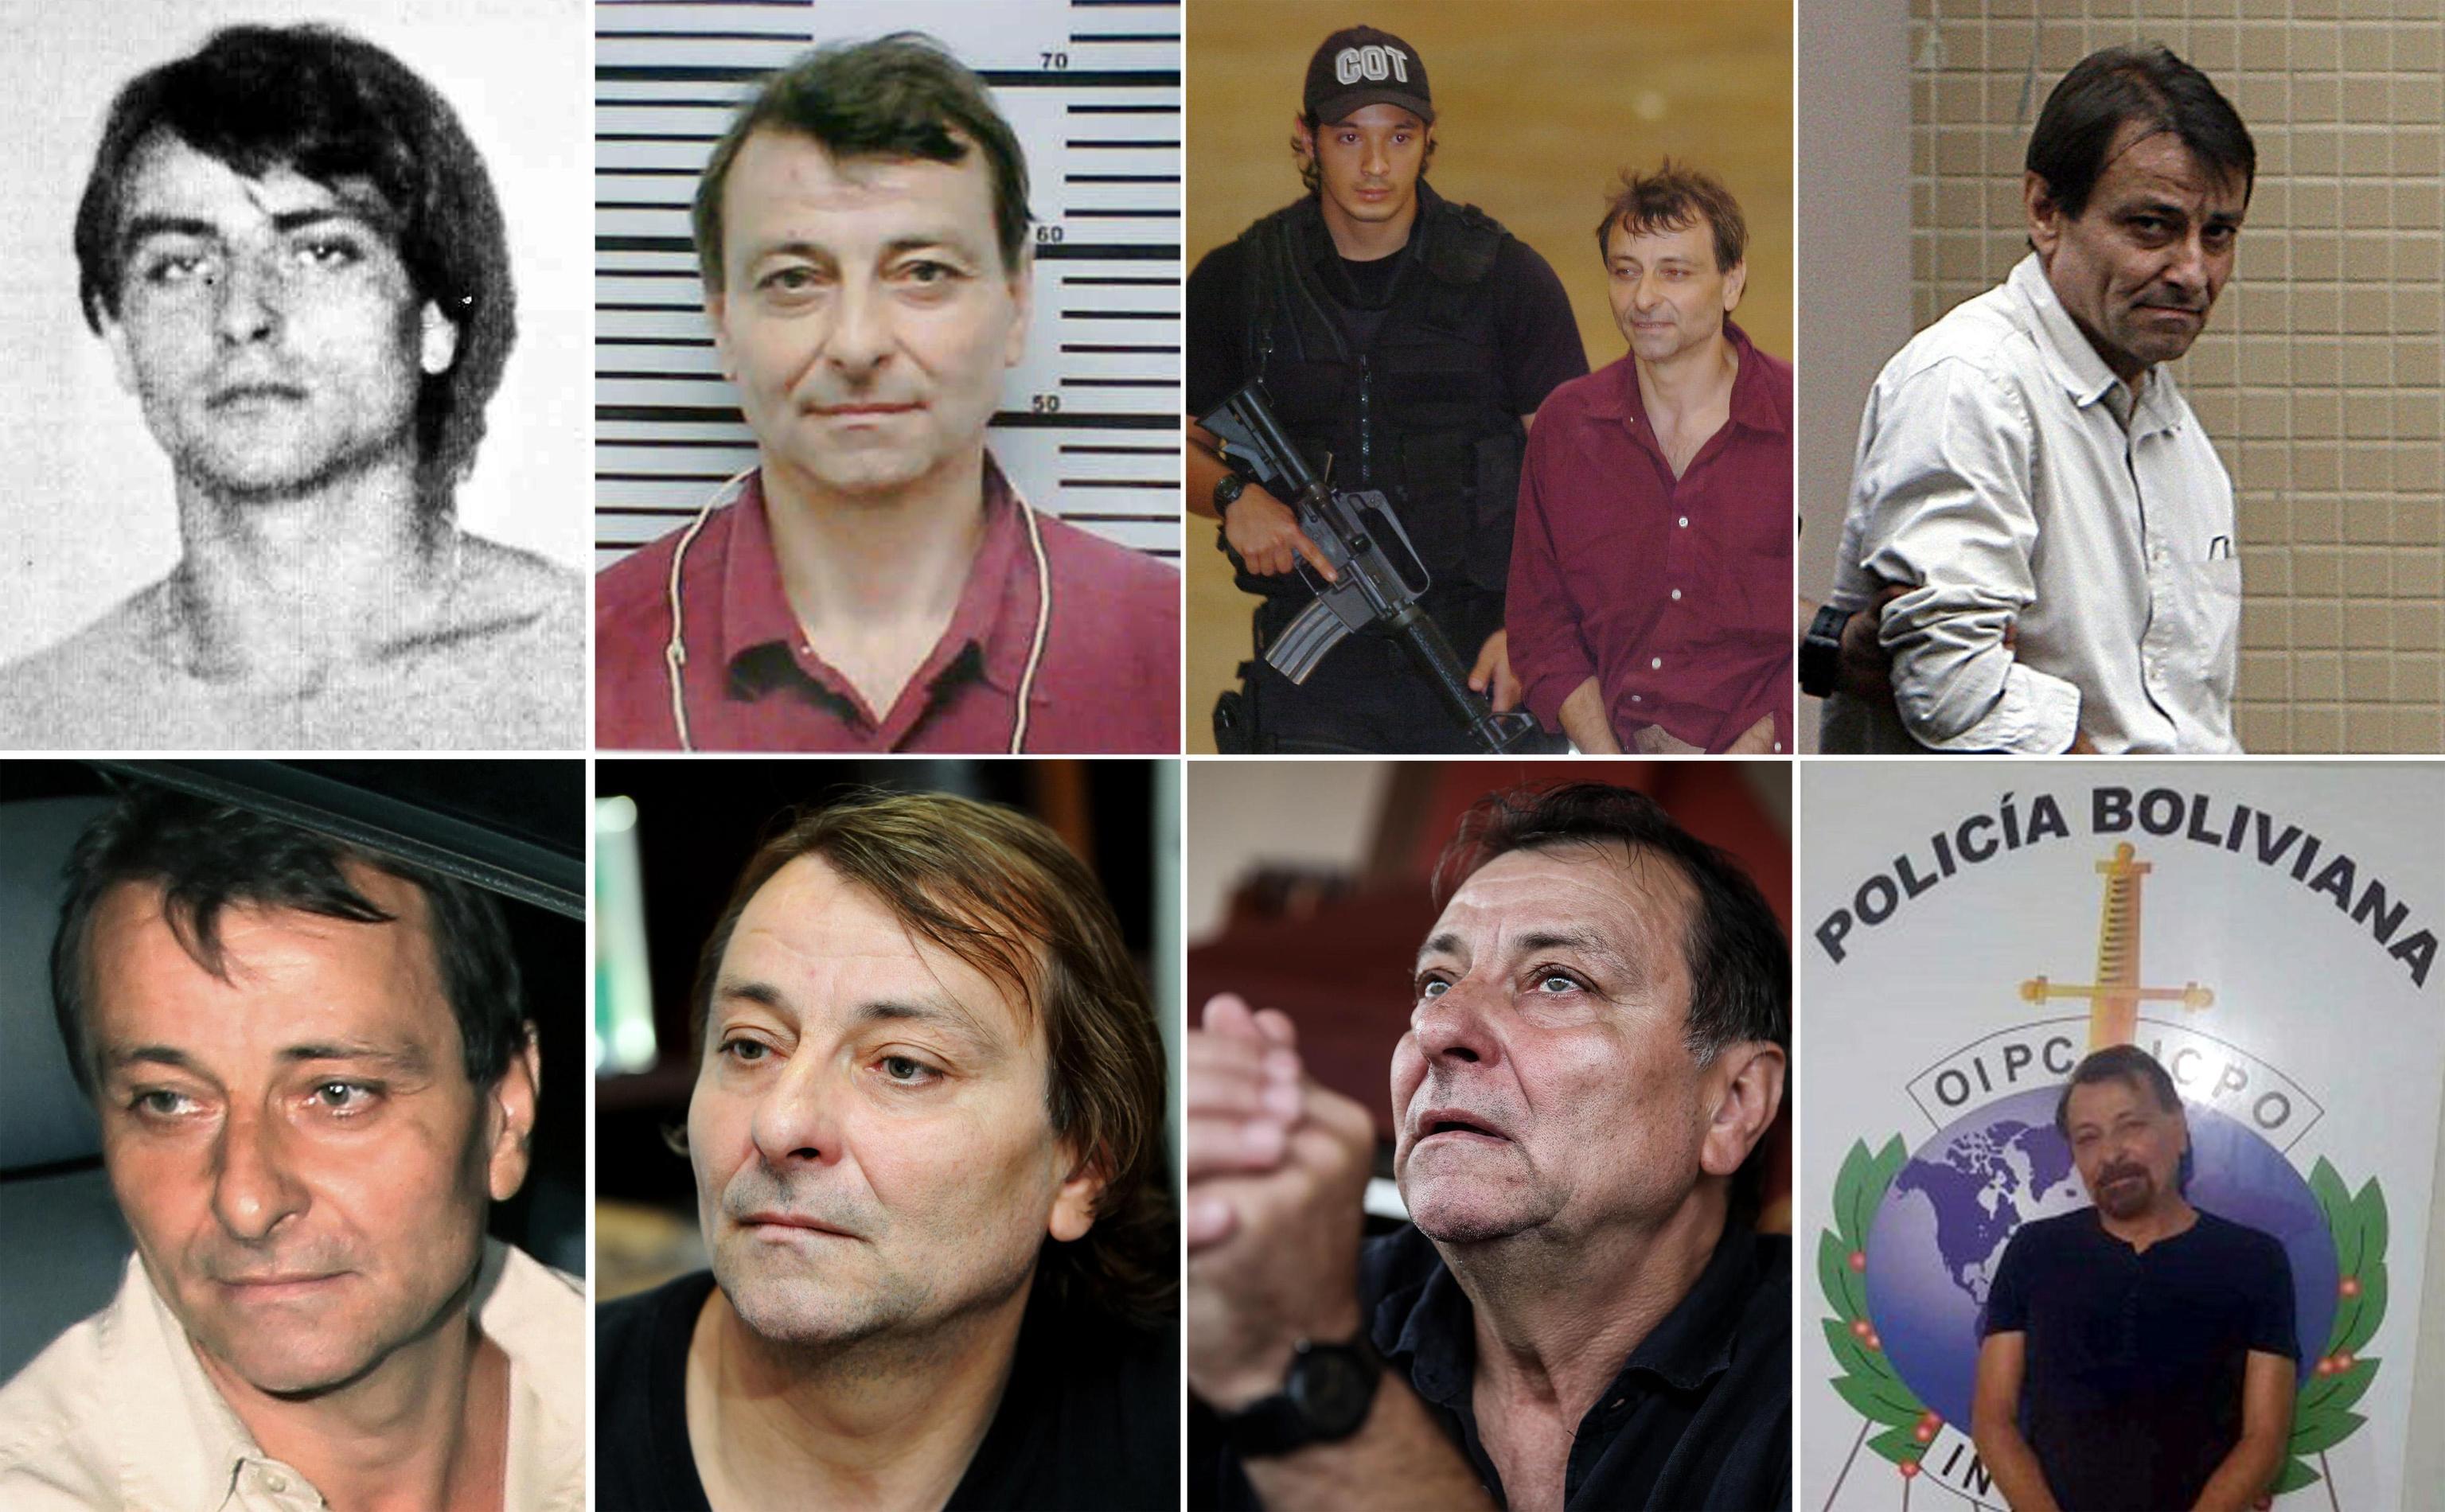 Cesare Battisti, chi è l'ex terrorista italiano: la storia, le fughe e le polemiche